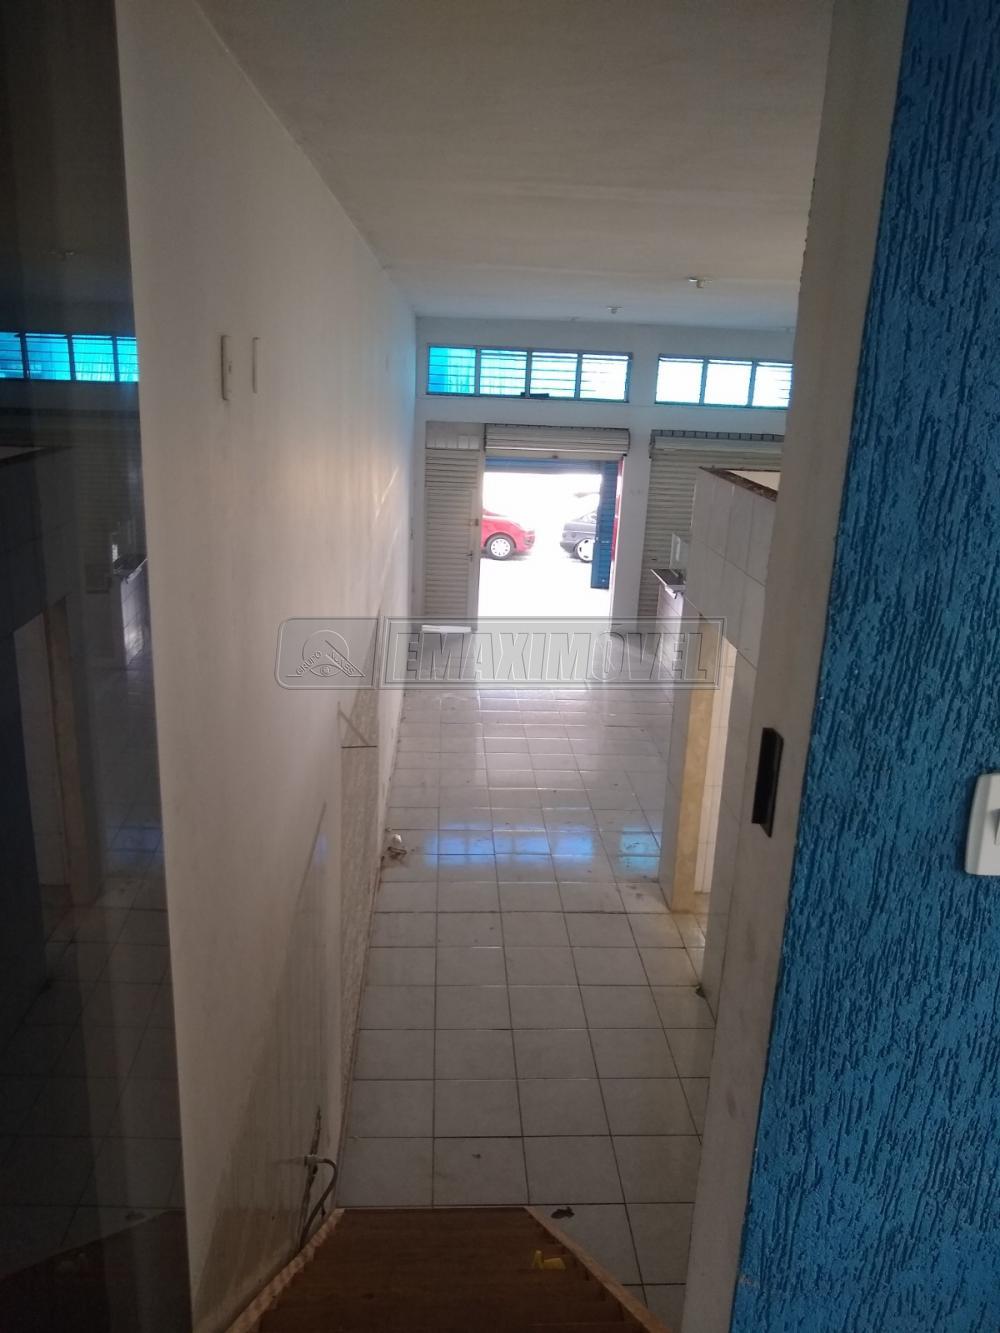 Alugar Comercial / Salas em Bairro em Sorocaba apenas R$ 2.500,00 - Foto 9